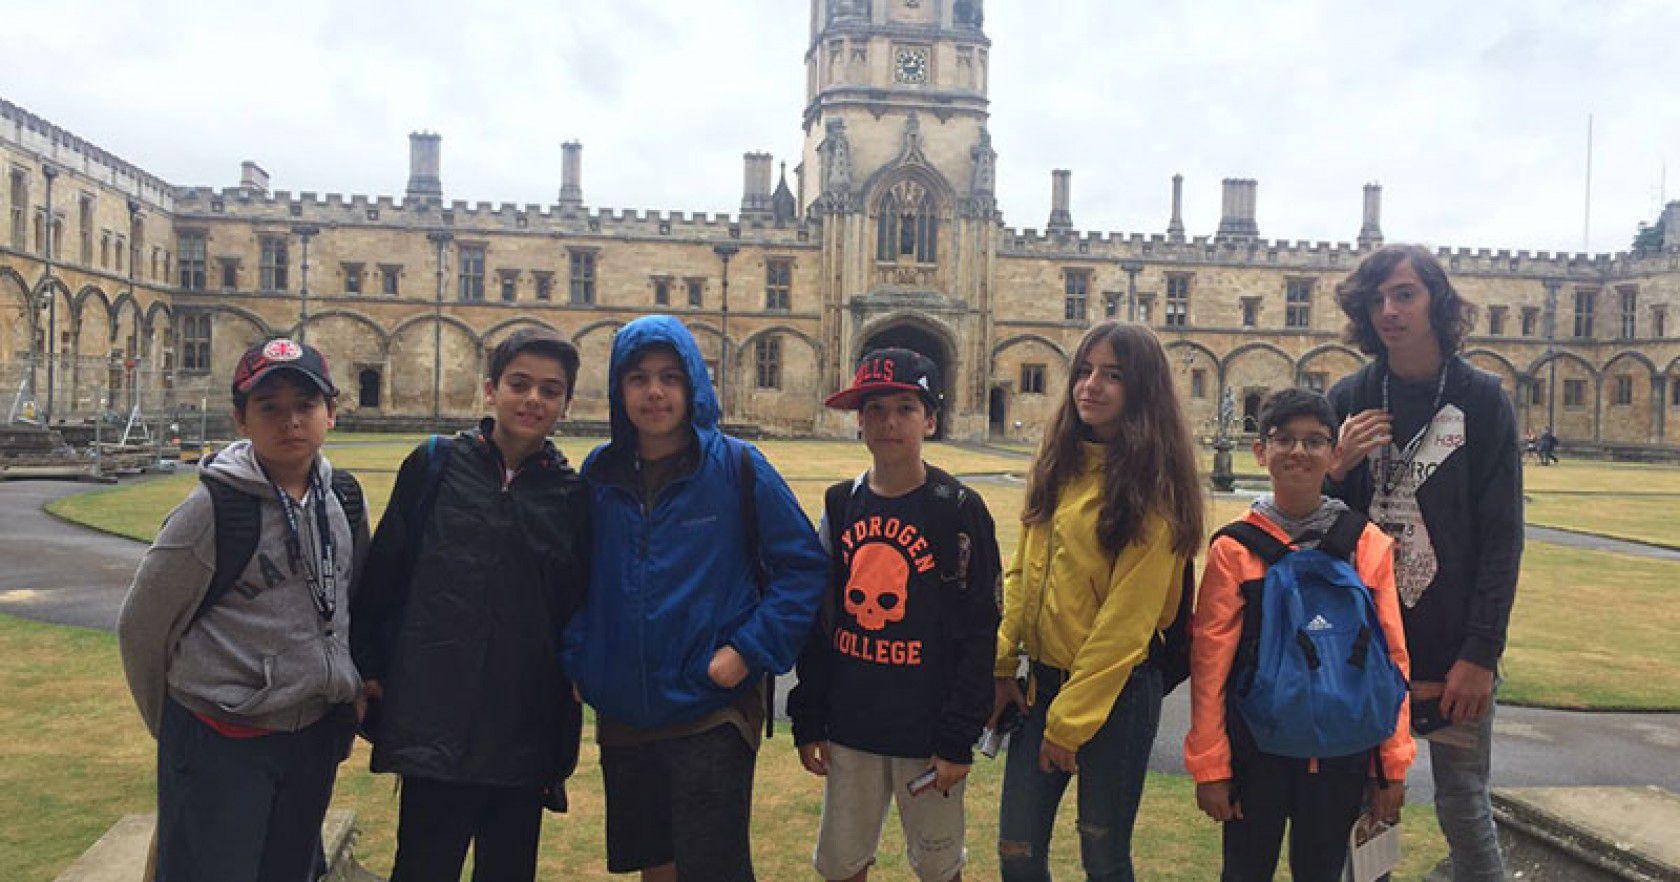 İngiltere'de Kolej Eğitimi için ISEE Sınavı Başvurusu Rehberi